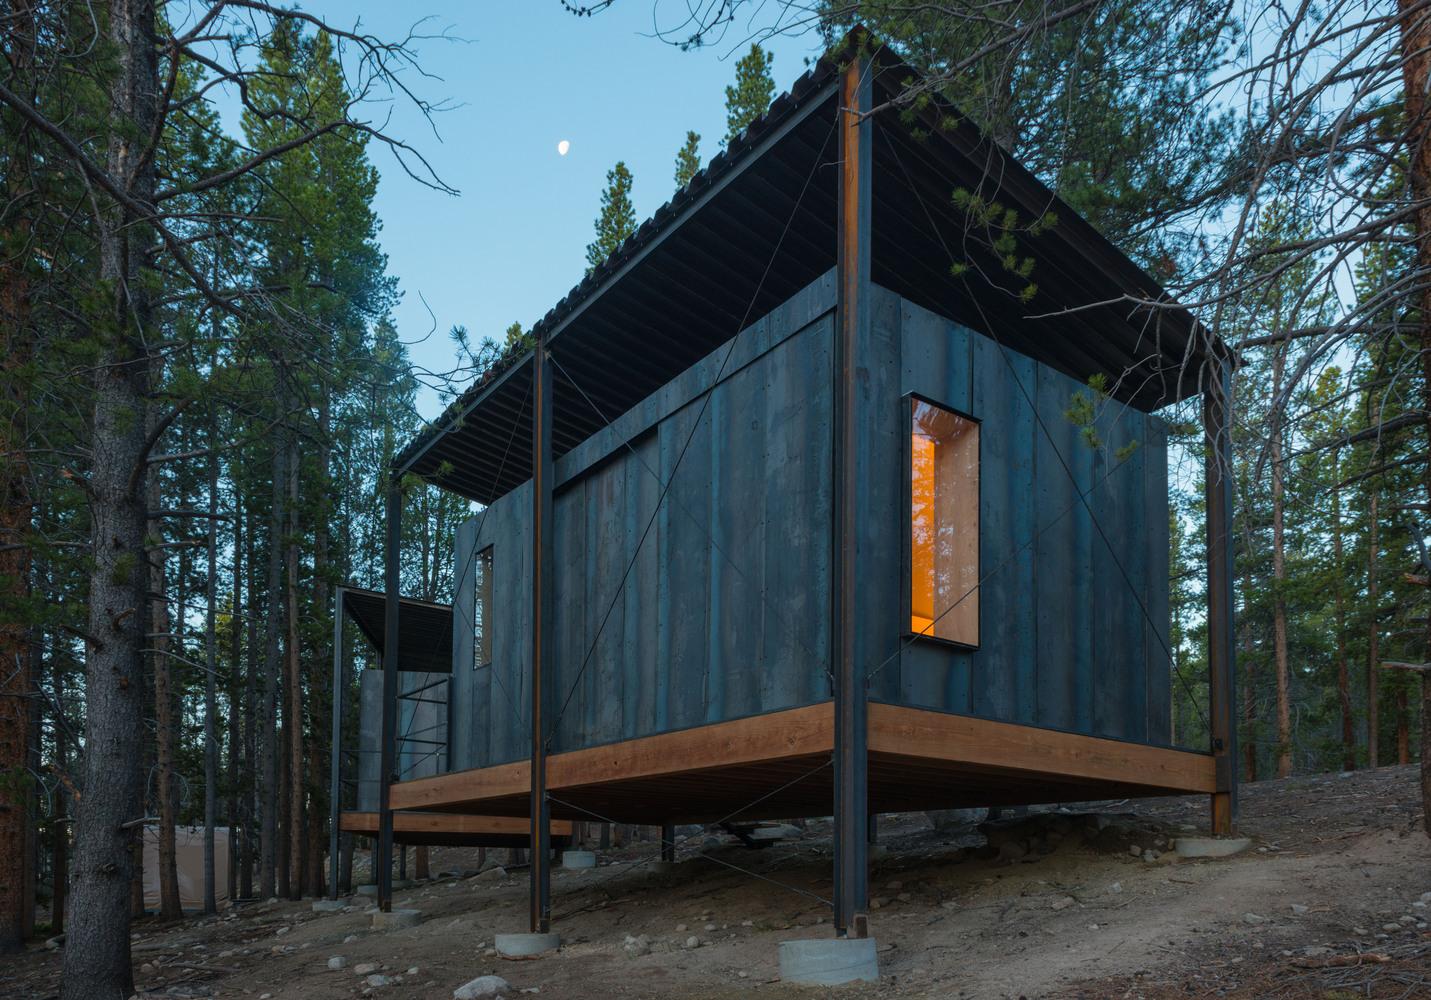 rentals top denver colorado park vacation estes vrbo in cabins article co